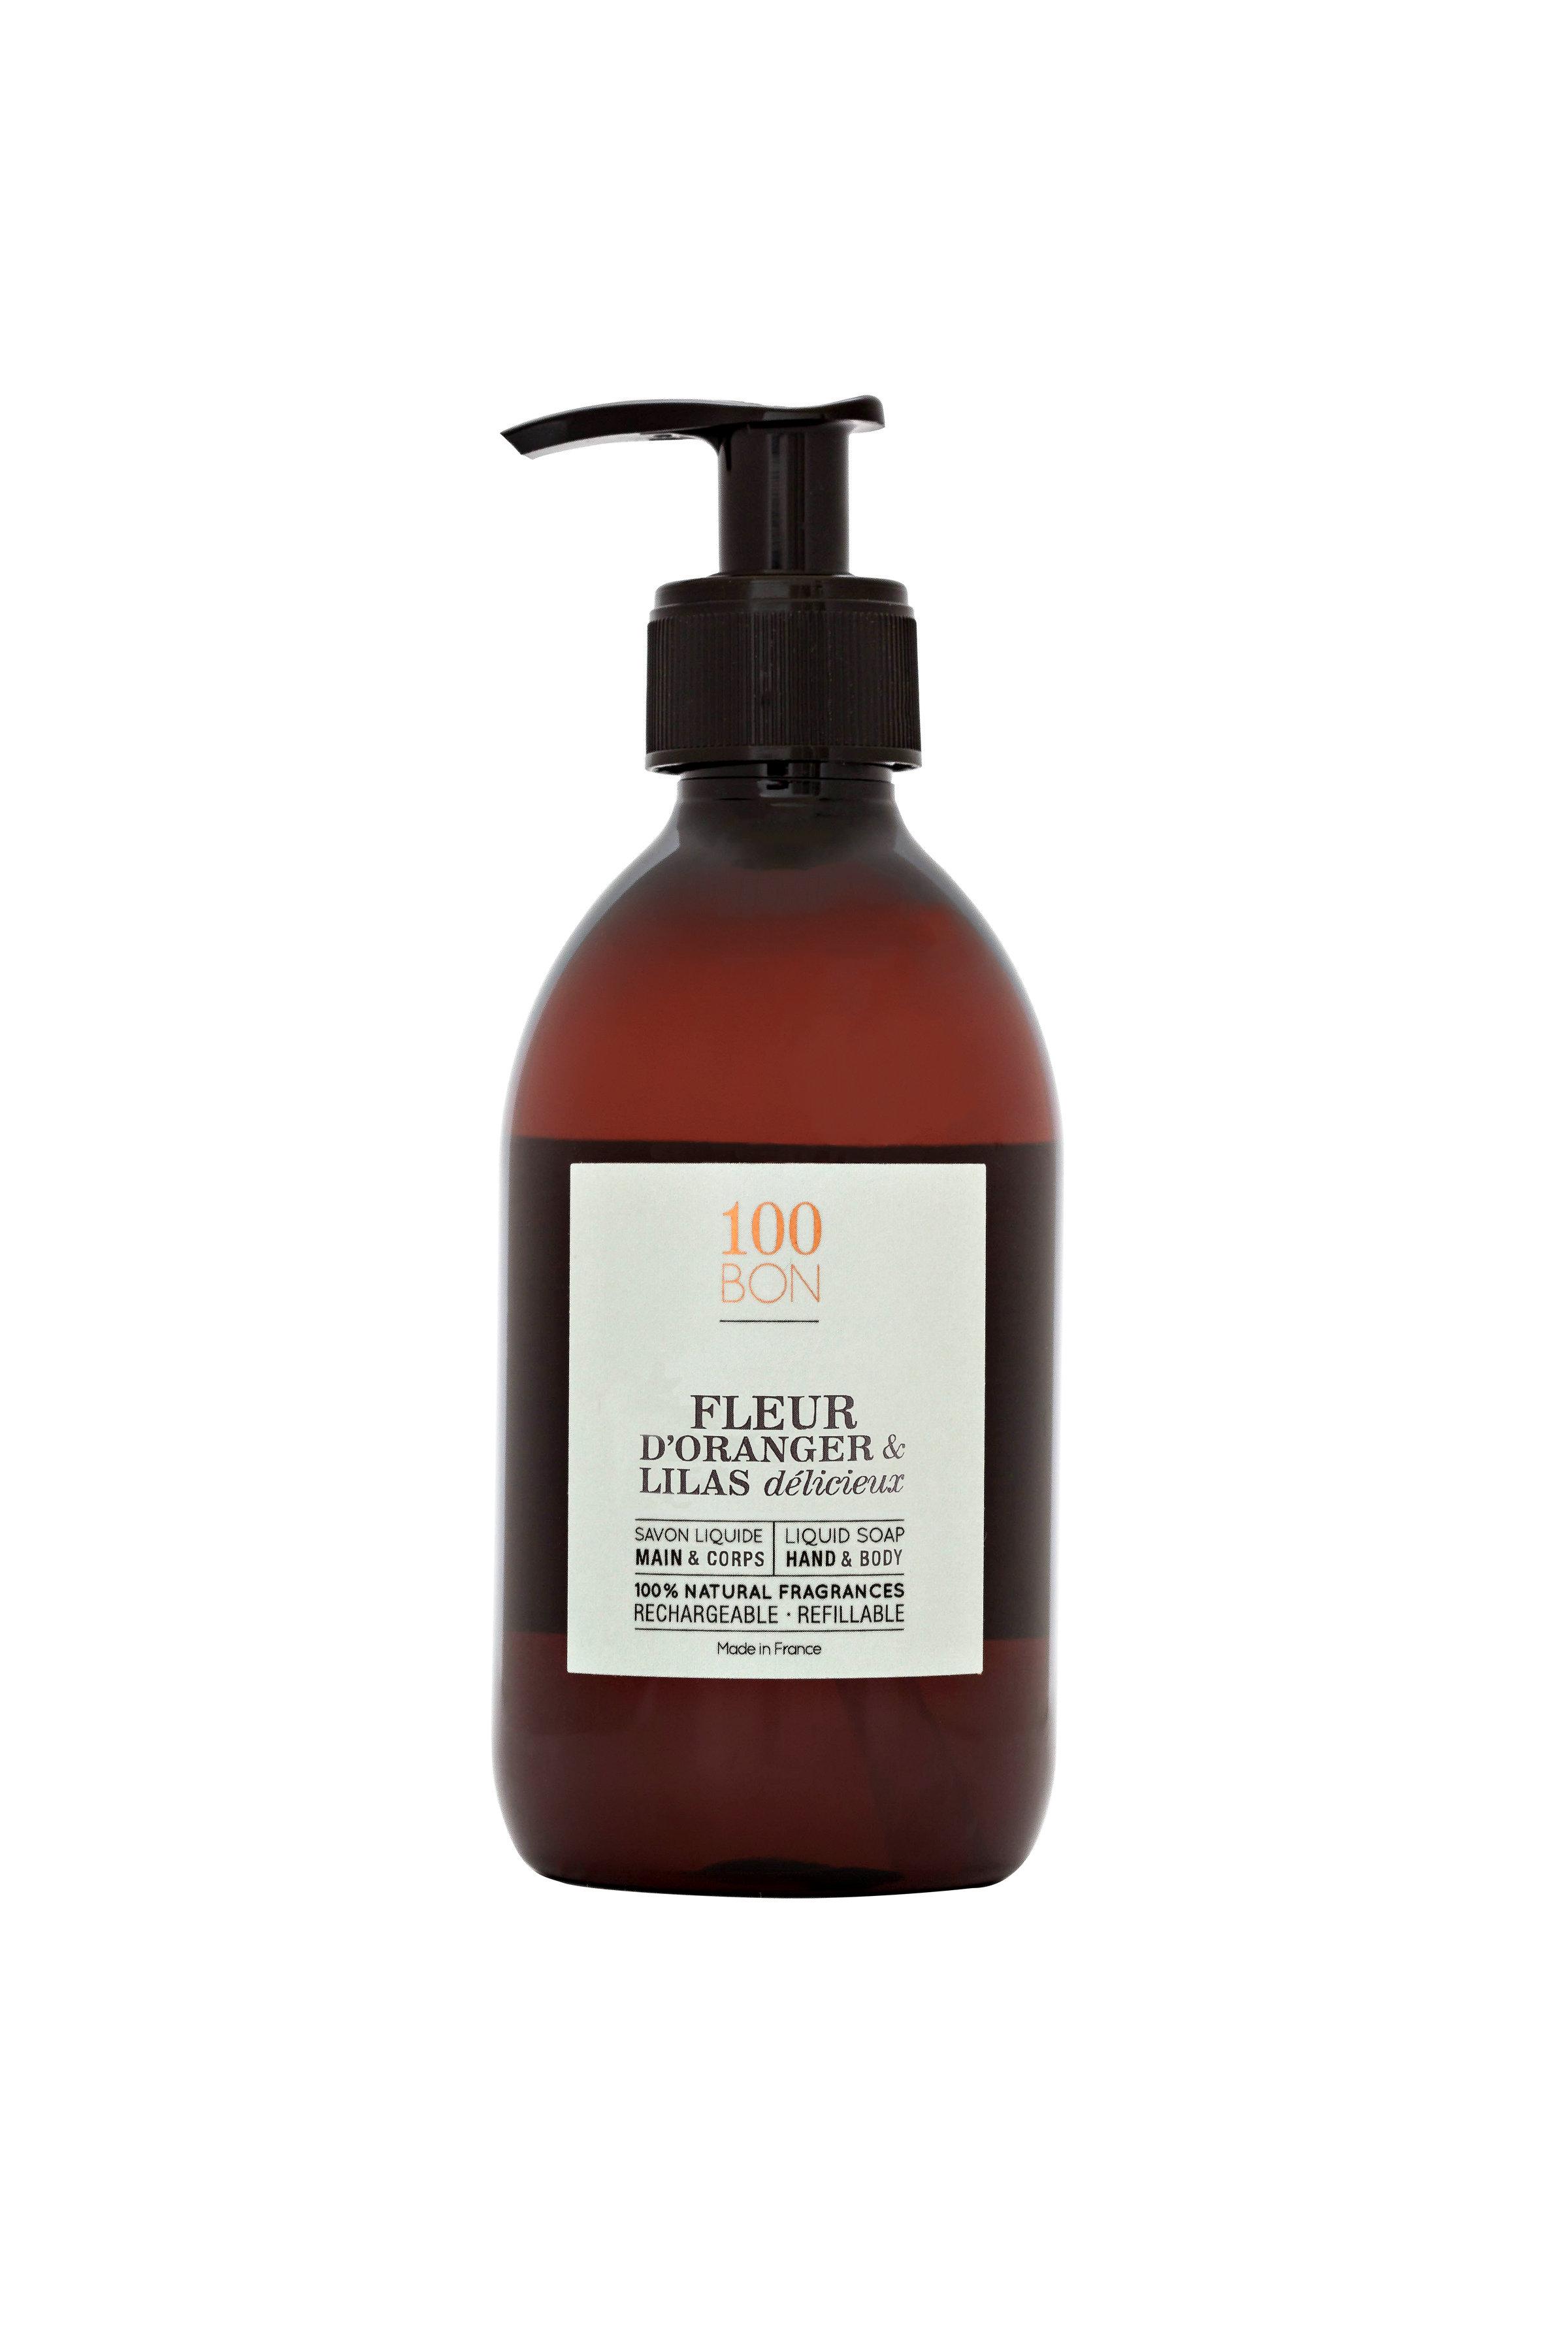 Fleur D'Oranger & Lilas Délicieux Liquid Soap 300ml